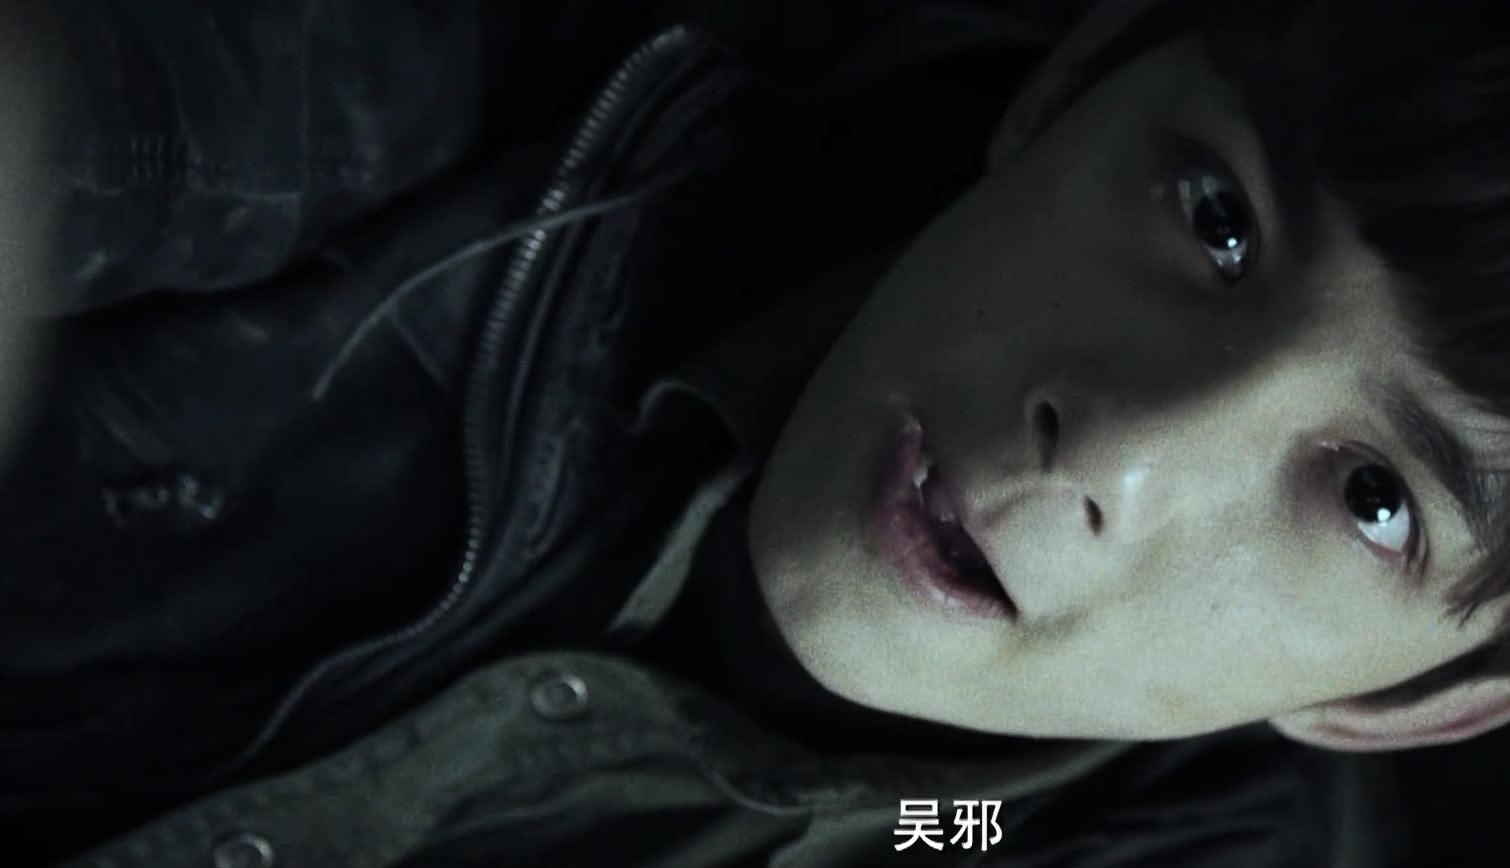 《沙海》真的沈琼已死, 现在的沈琼是汪小媛假扮的